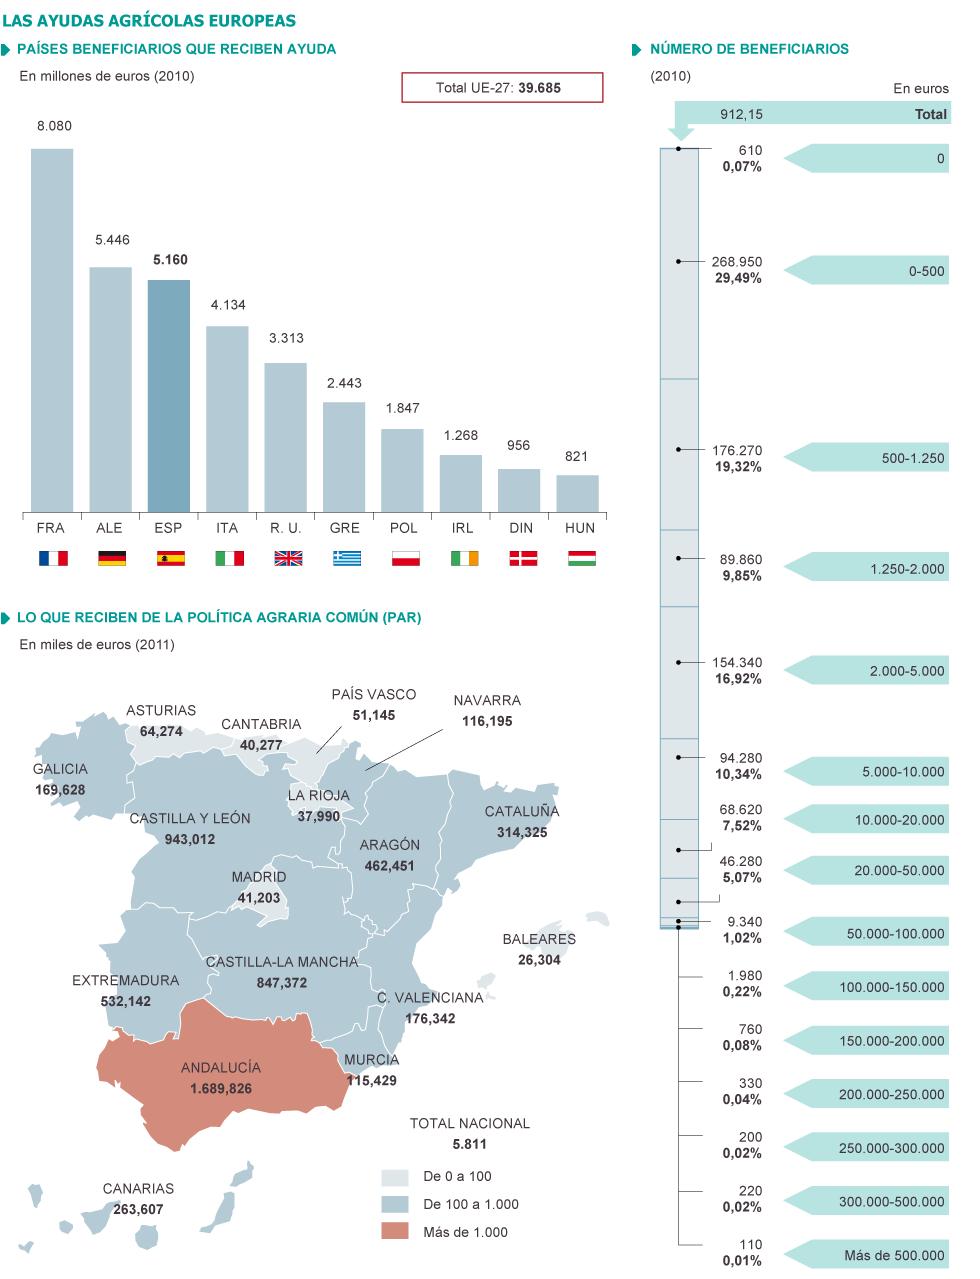 Resultado de imagen de las ayudas agricolas europeas